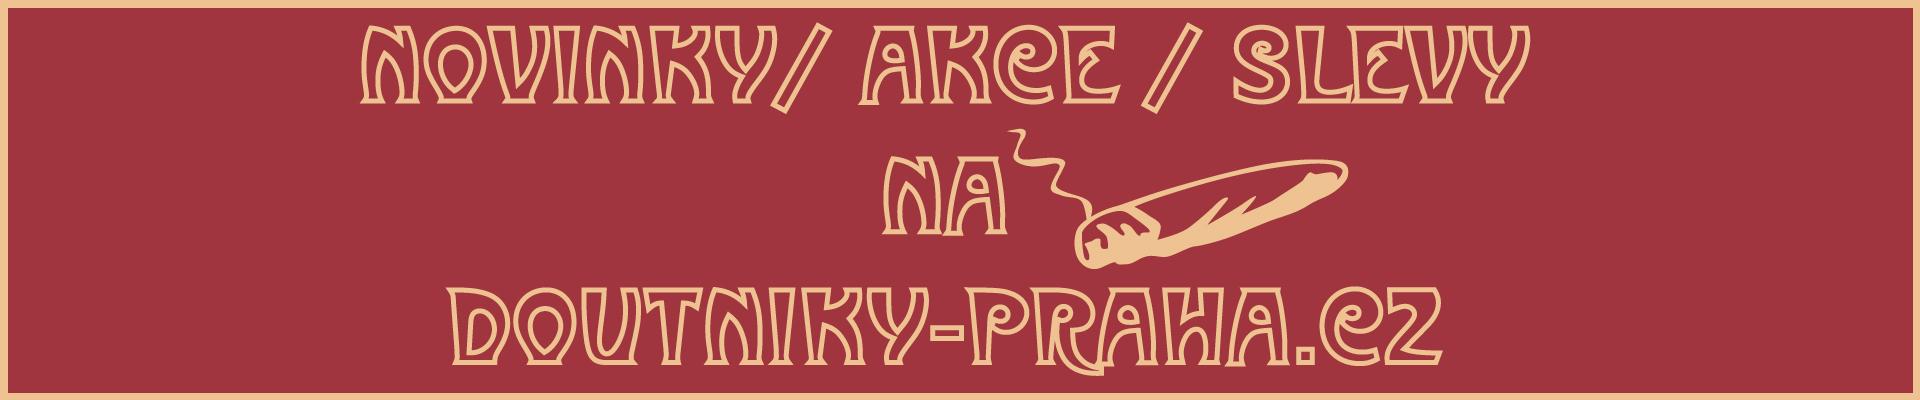 Novinky-Akce-Slevy-na-Doutniky-praha-cz